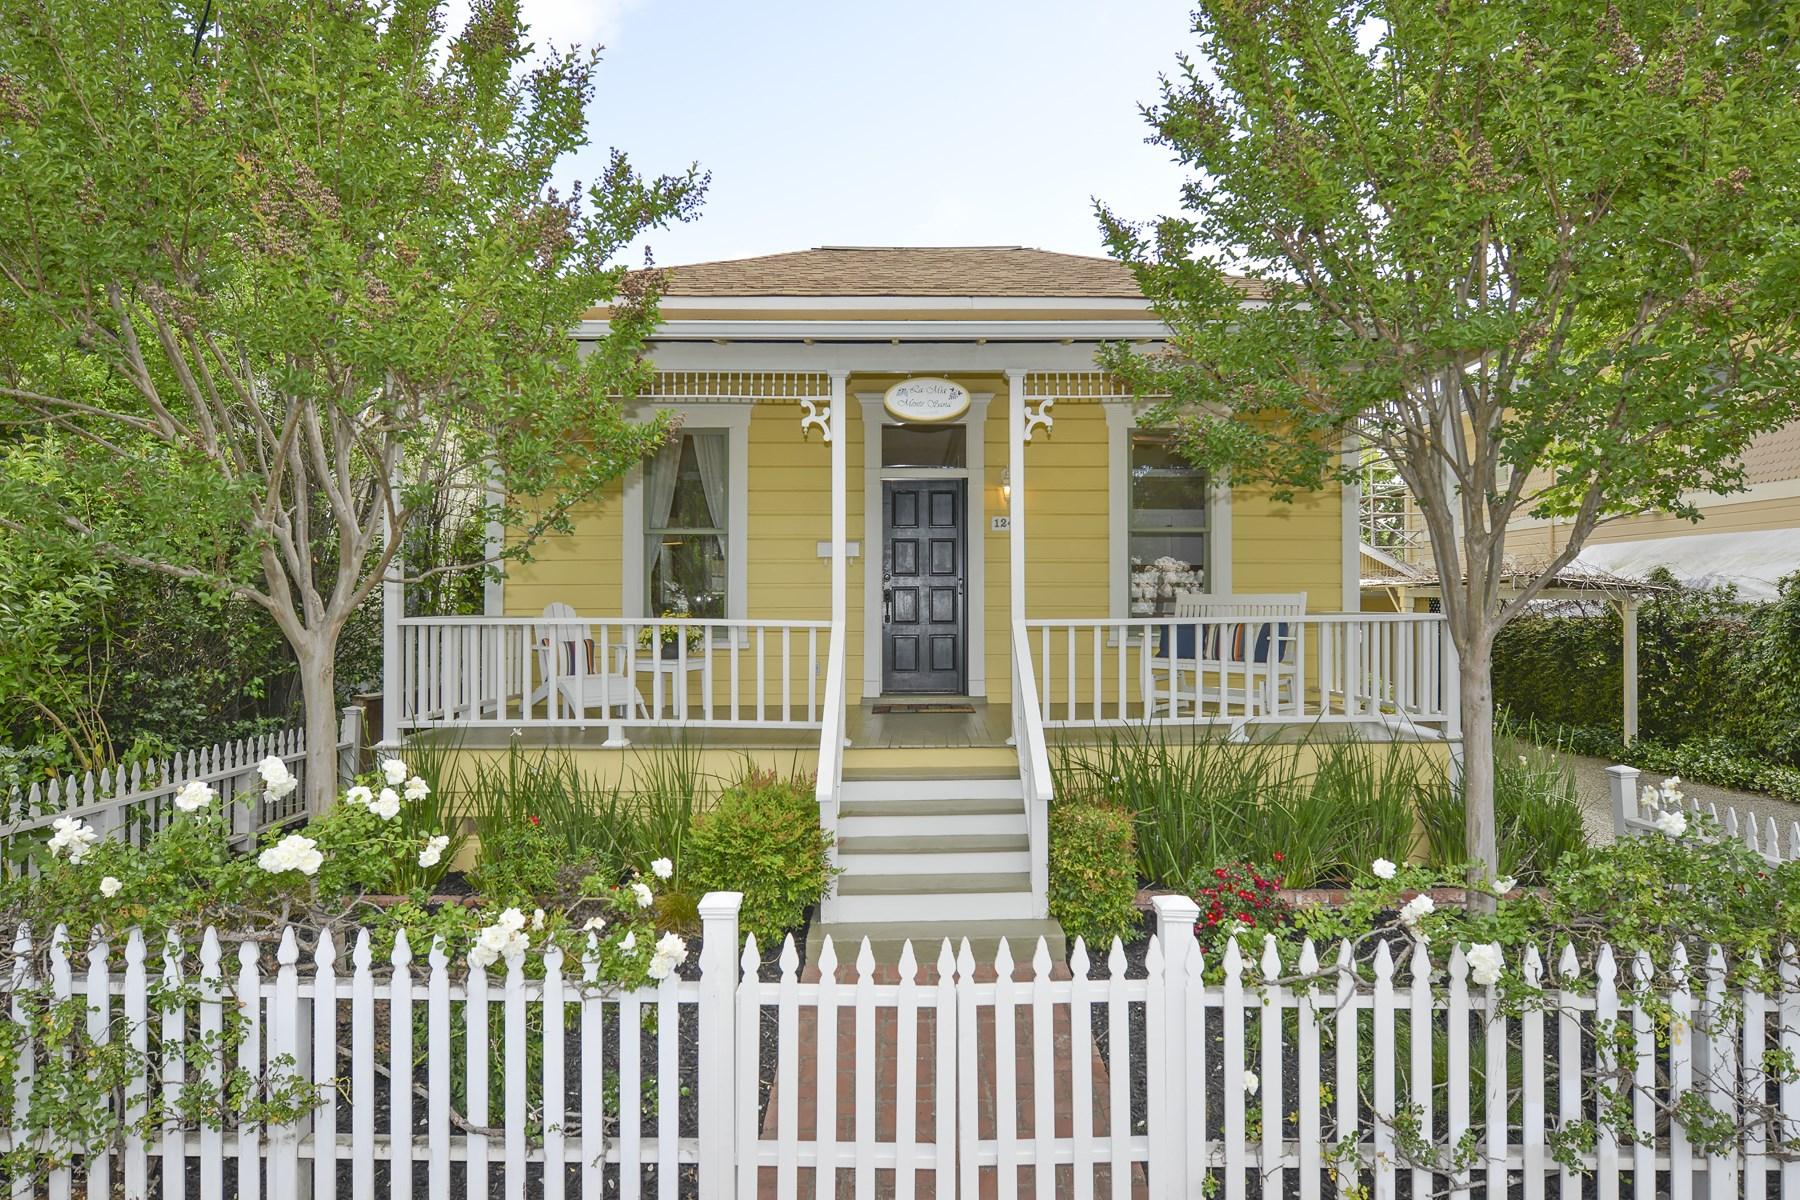 Villa per Vendita alle ore St. Helena Cottage 1240 Stockton St St. Helena, California 94574 Stati Uniti